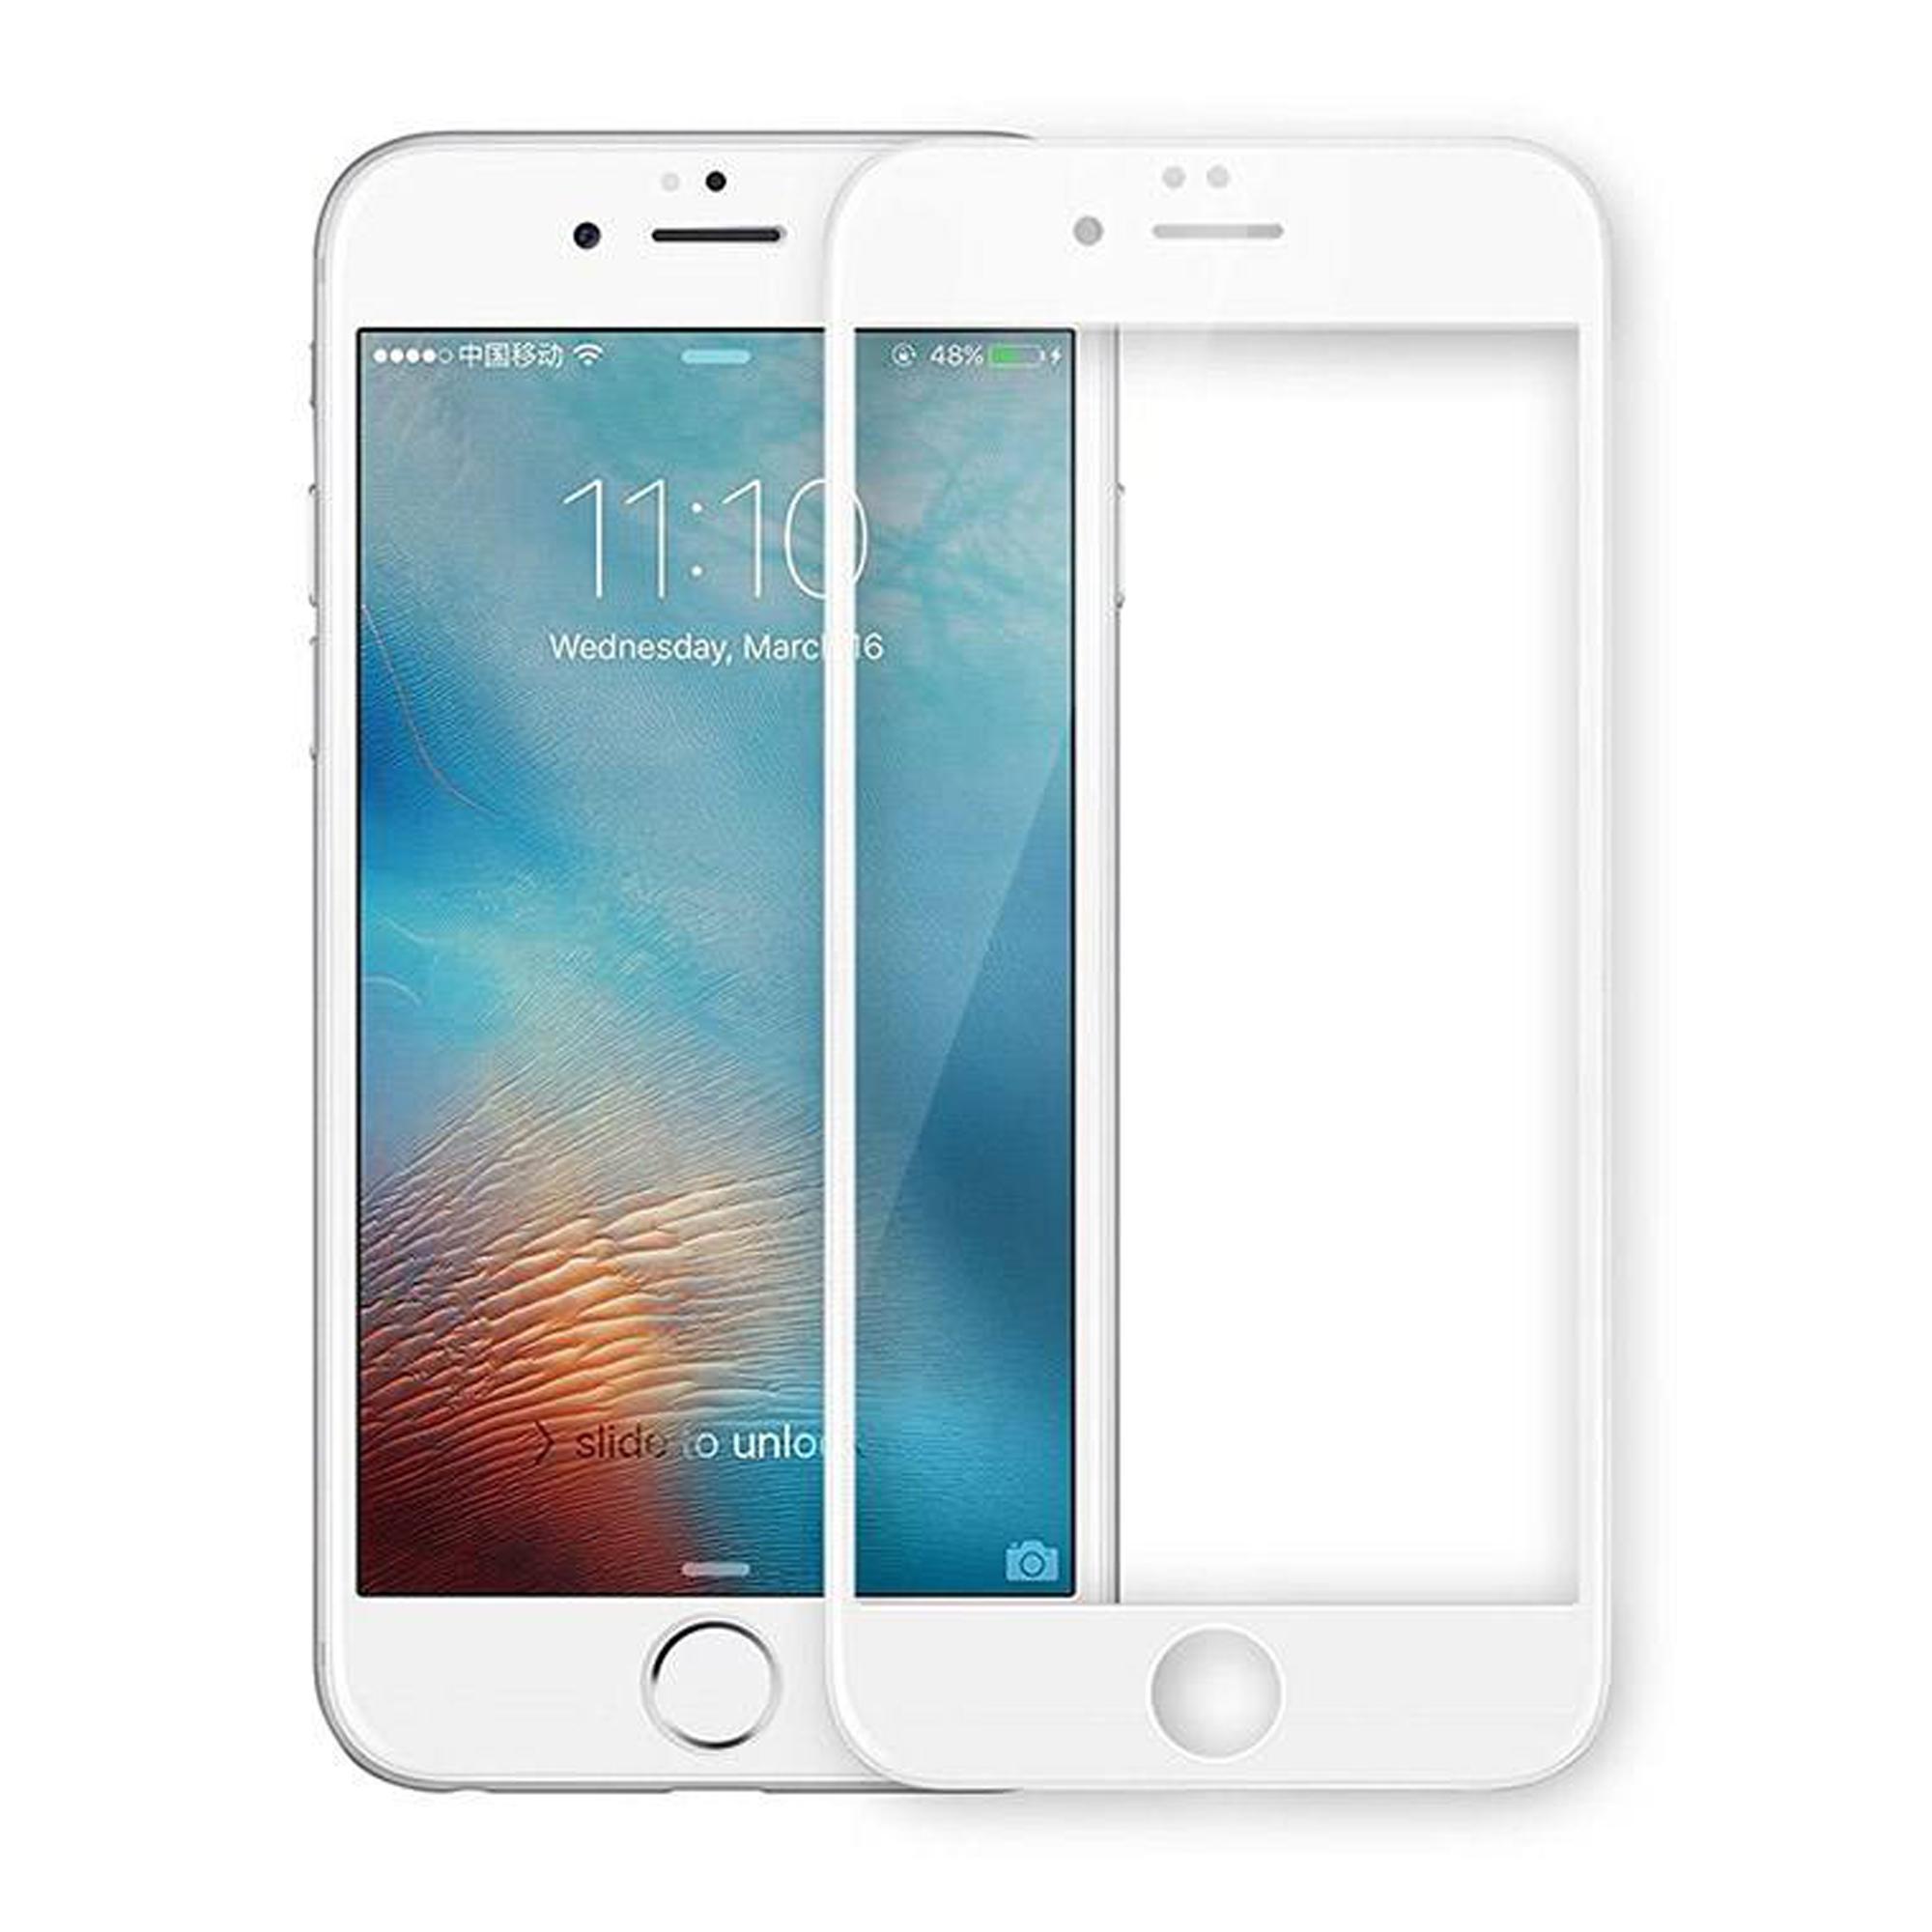 محافظ صفحه نمایش مدل bk-p-6s مناسب برای گوشی موبایل اپل iPhone 6/6s